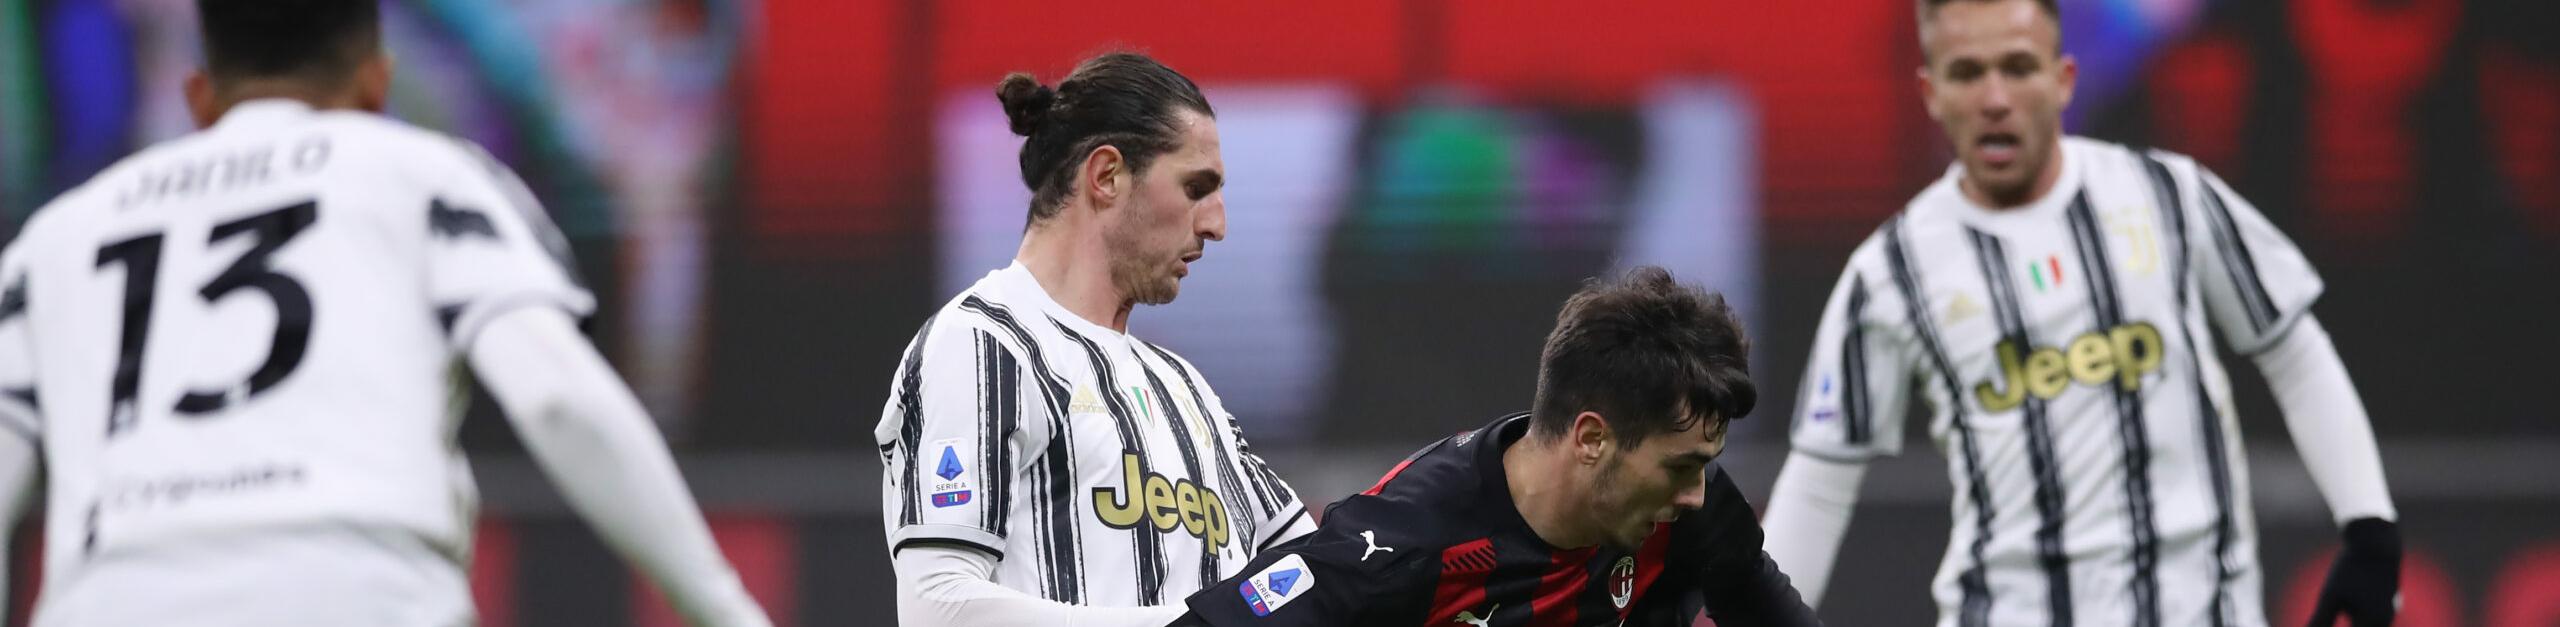 Juventus-Milan, tra le due grandi in crisi è spareggio-Champions